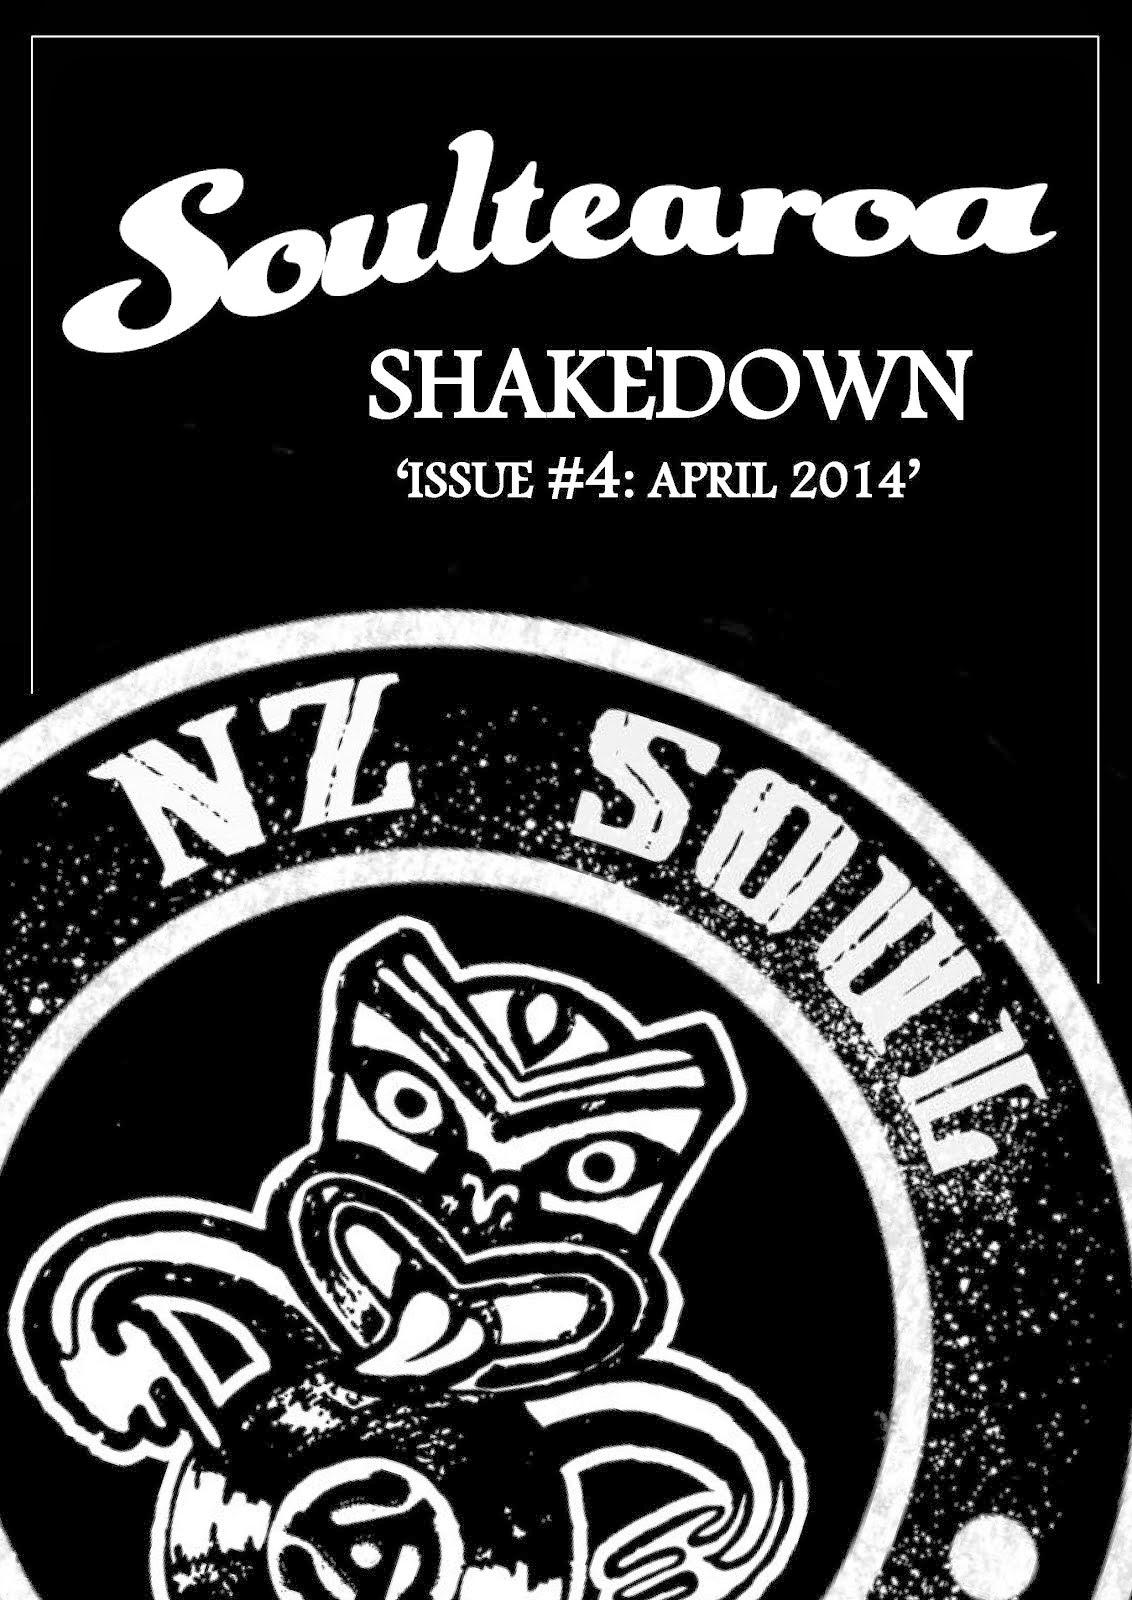 Soultearoa Shakedown fanzine